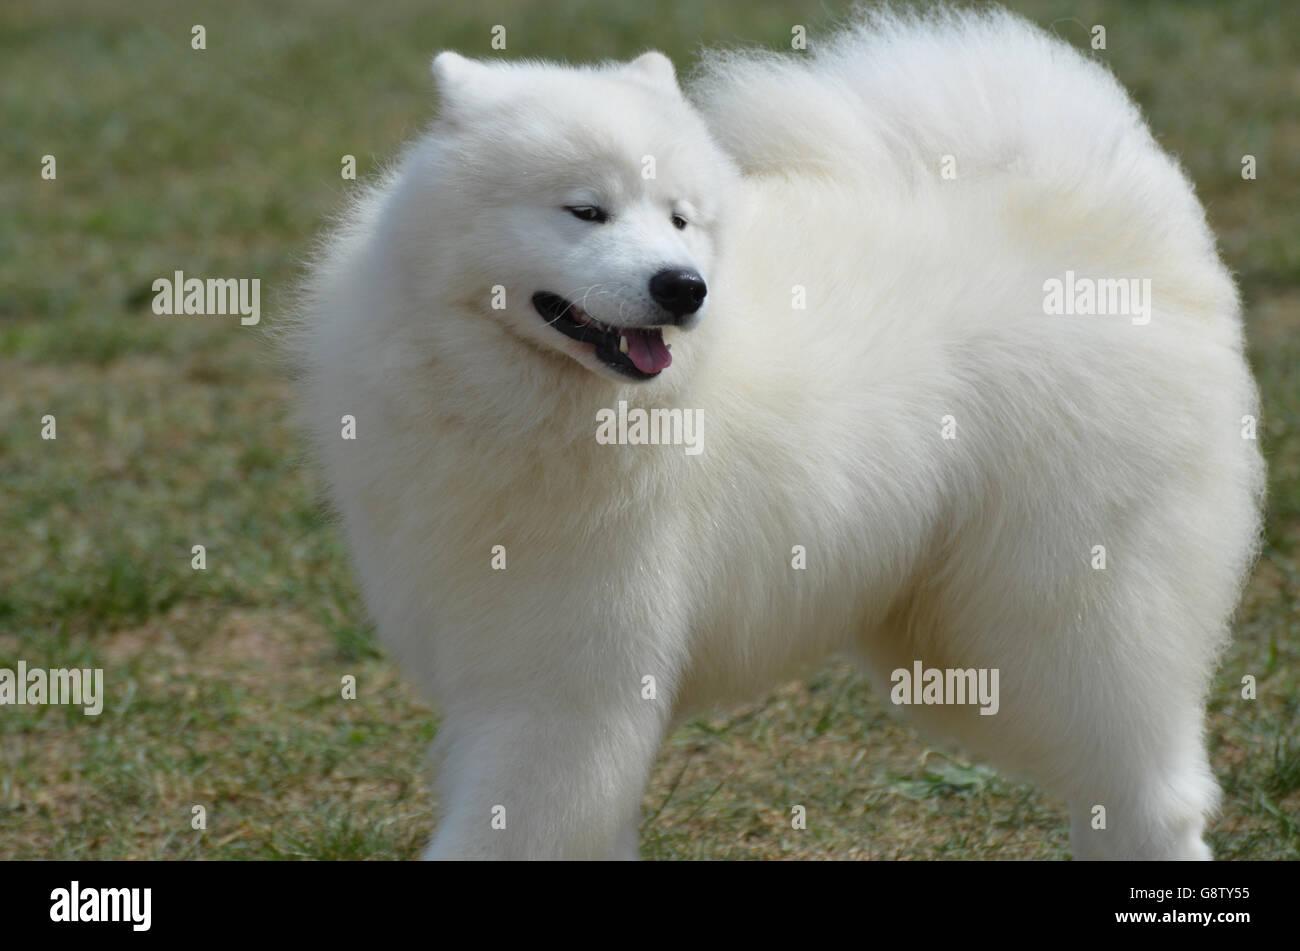 Tandis que les chiens esquimaux sont des chiens de compagnie qu'ils sont également bien connu les artistes de cirque. Banque D'Images